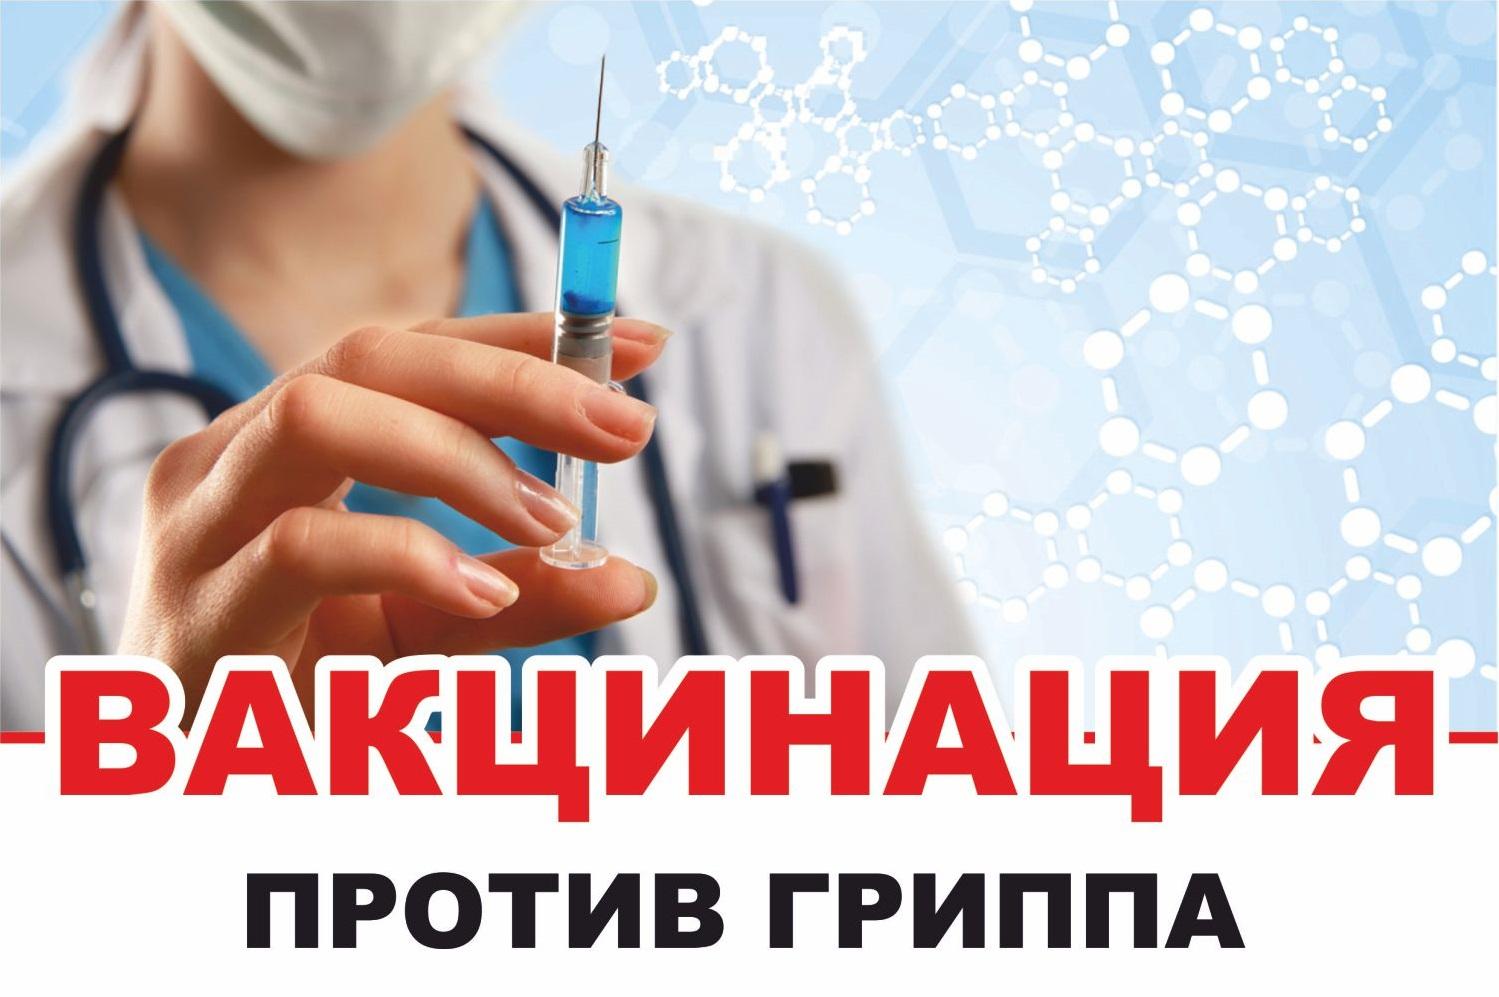 этот смешные картинки вакцинации гриппа летний